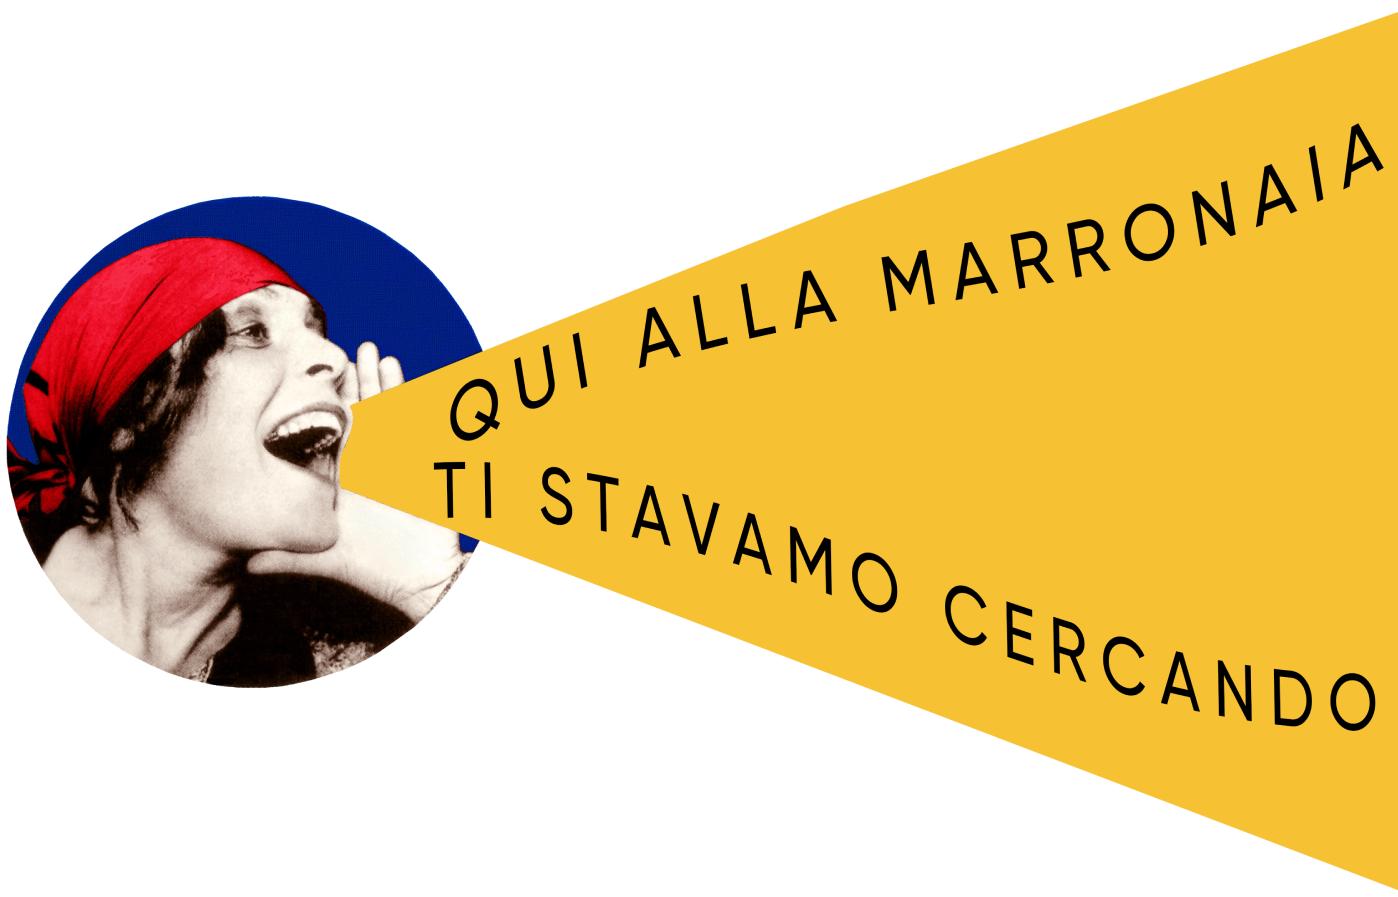 Brik2 1 - La Marronaia -